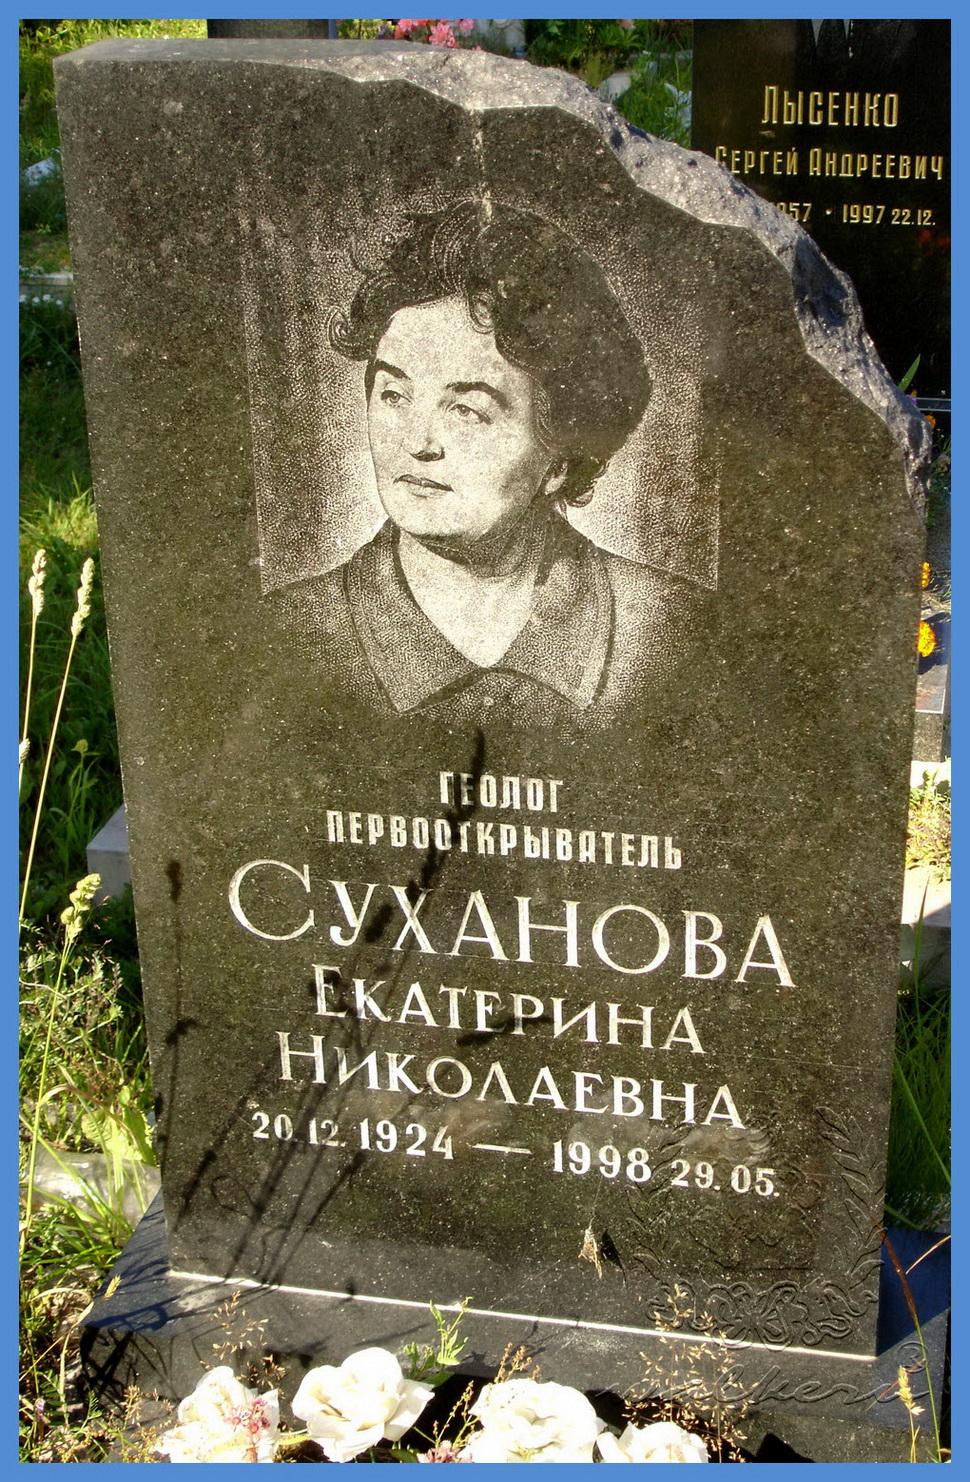 Суханова Екатерина Николаевна